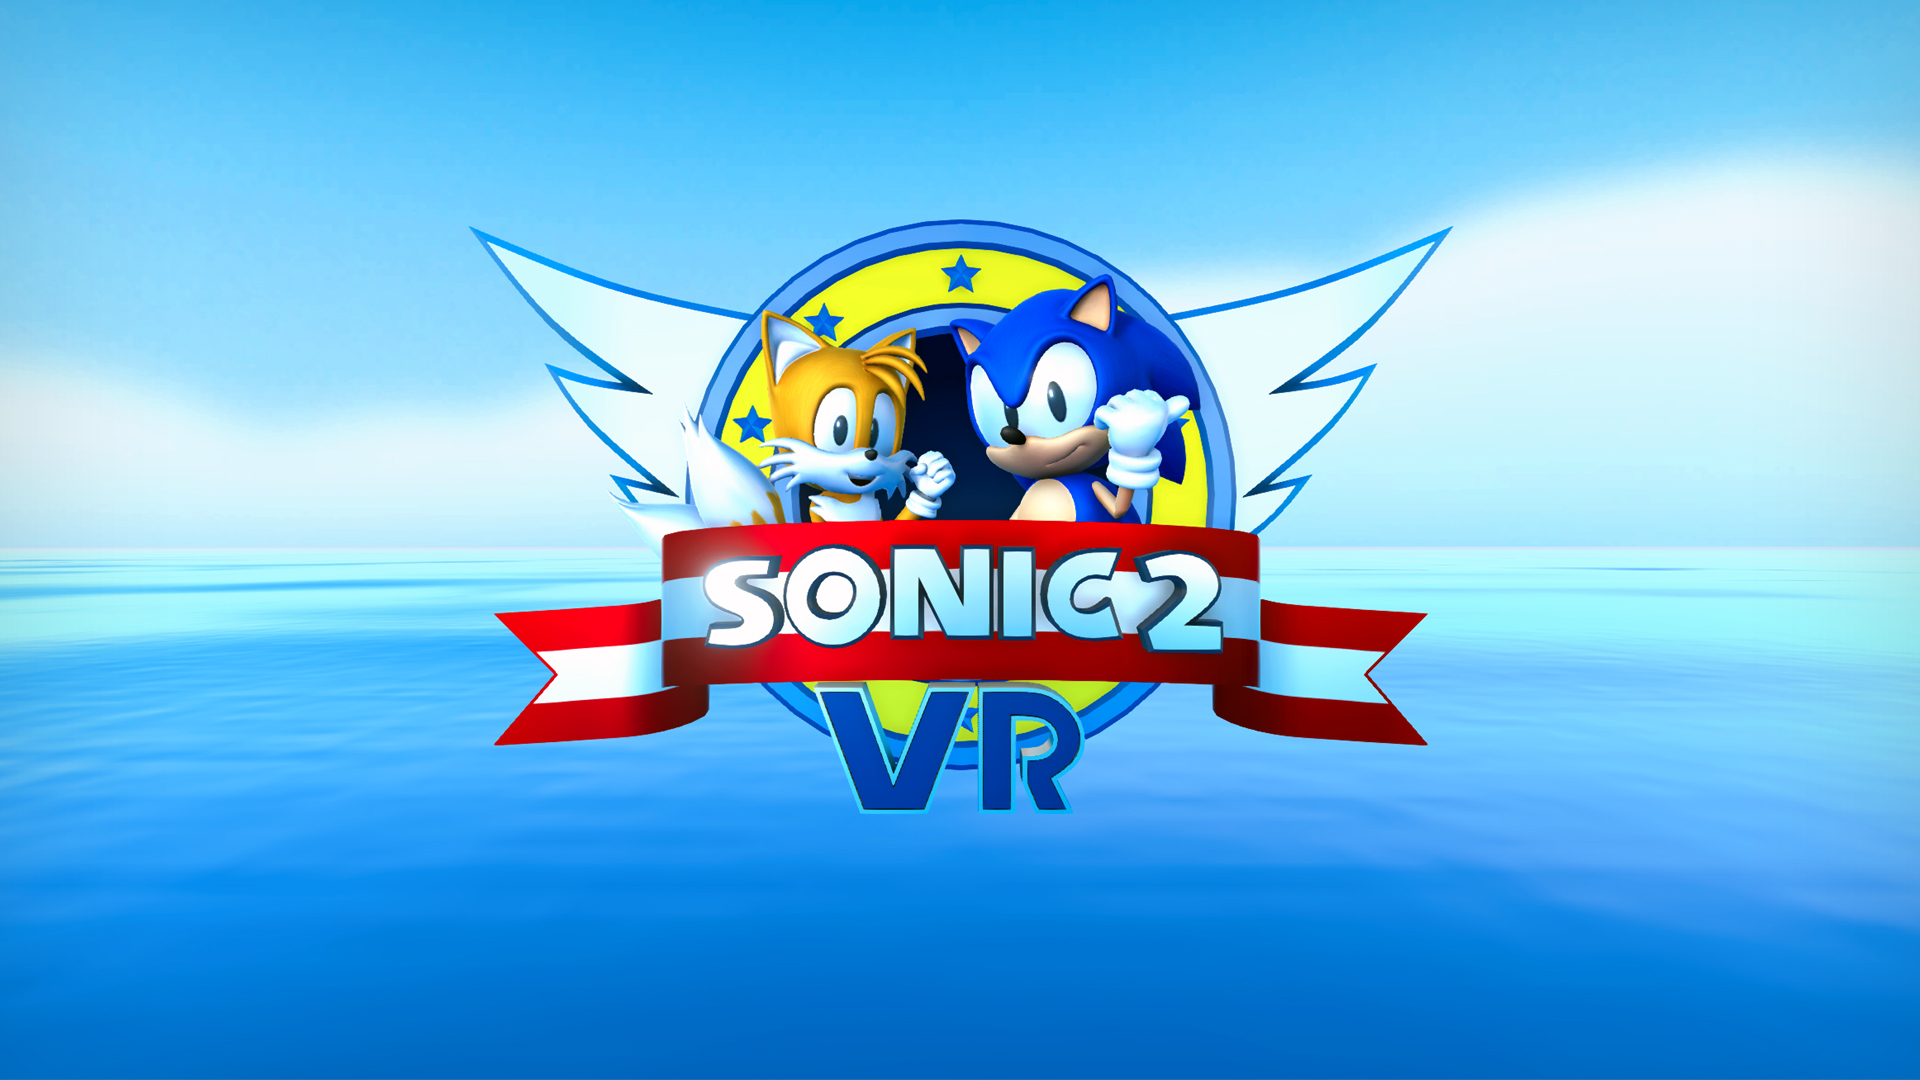 Sonic 2 VR - Prototype